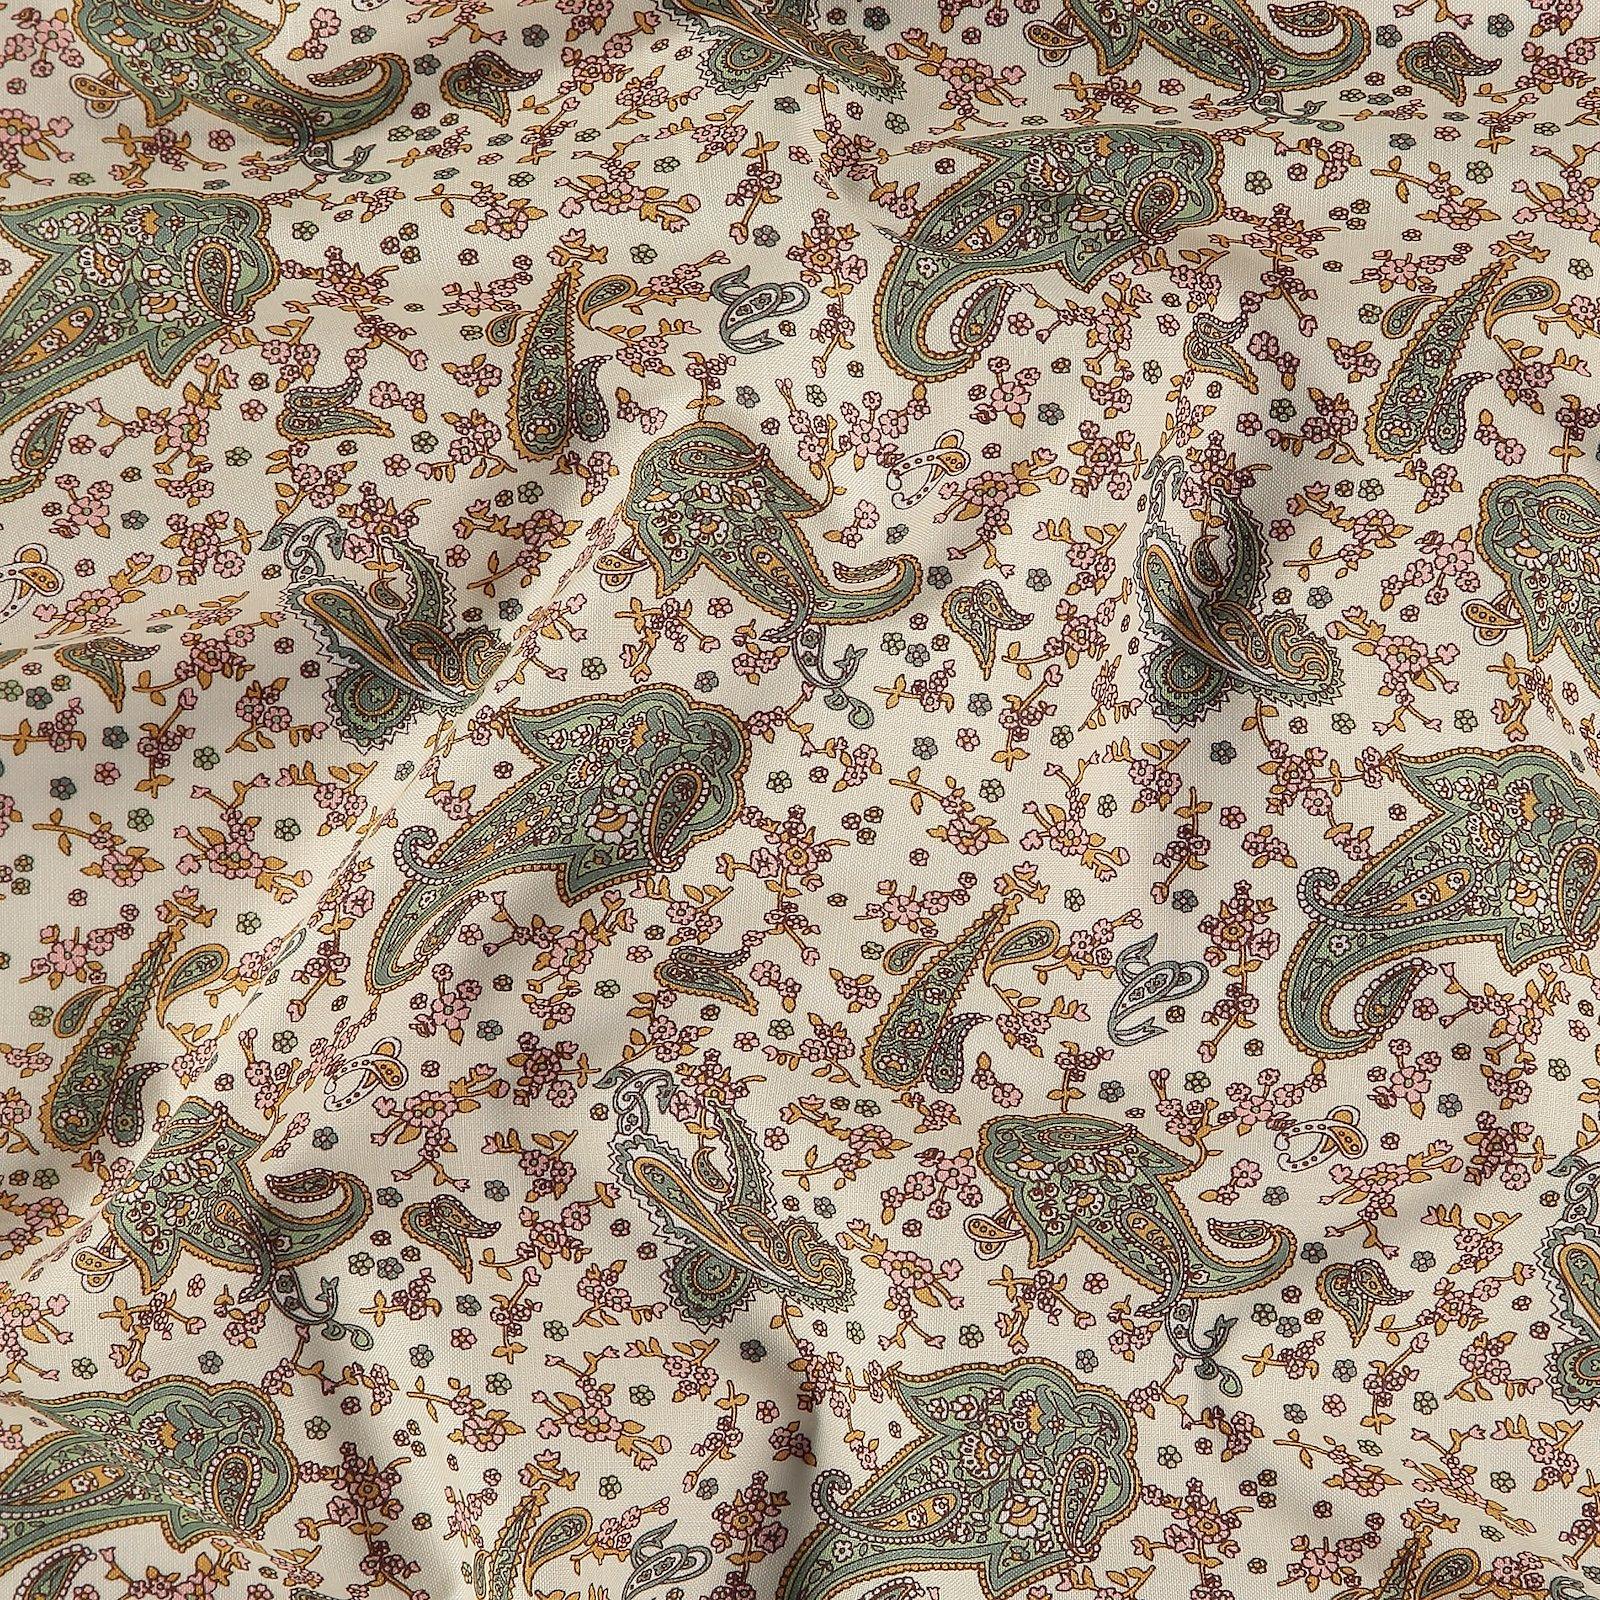 Cotton pastel powder w paisley pattern